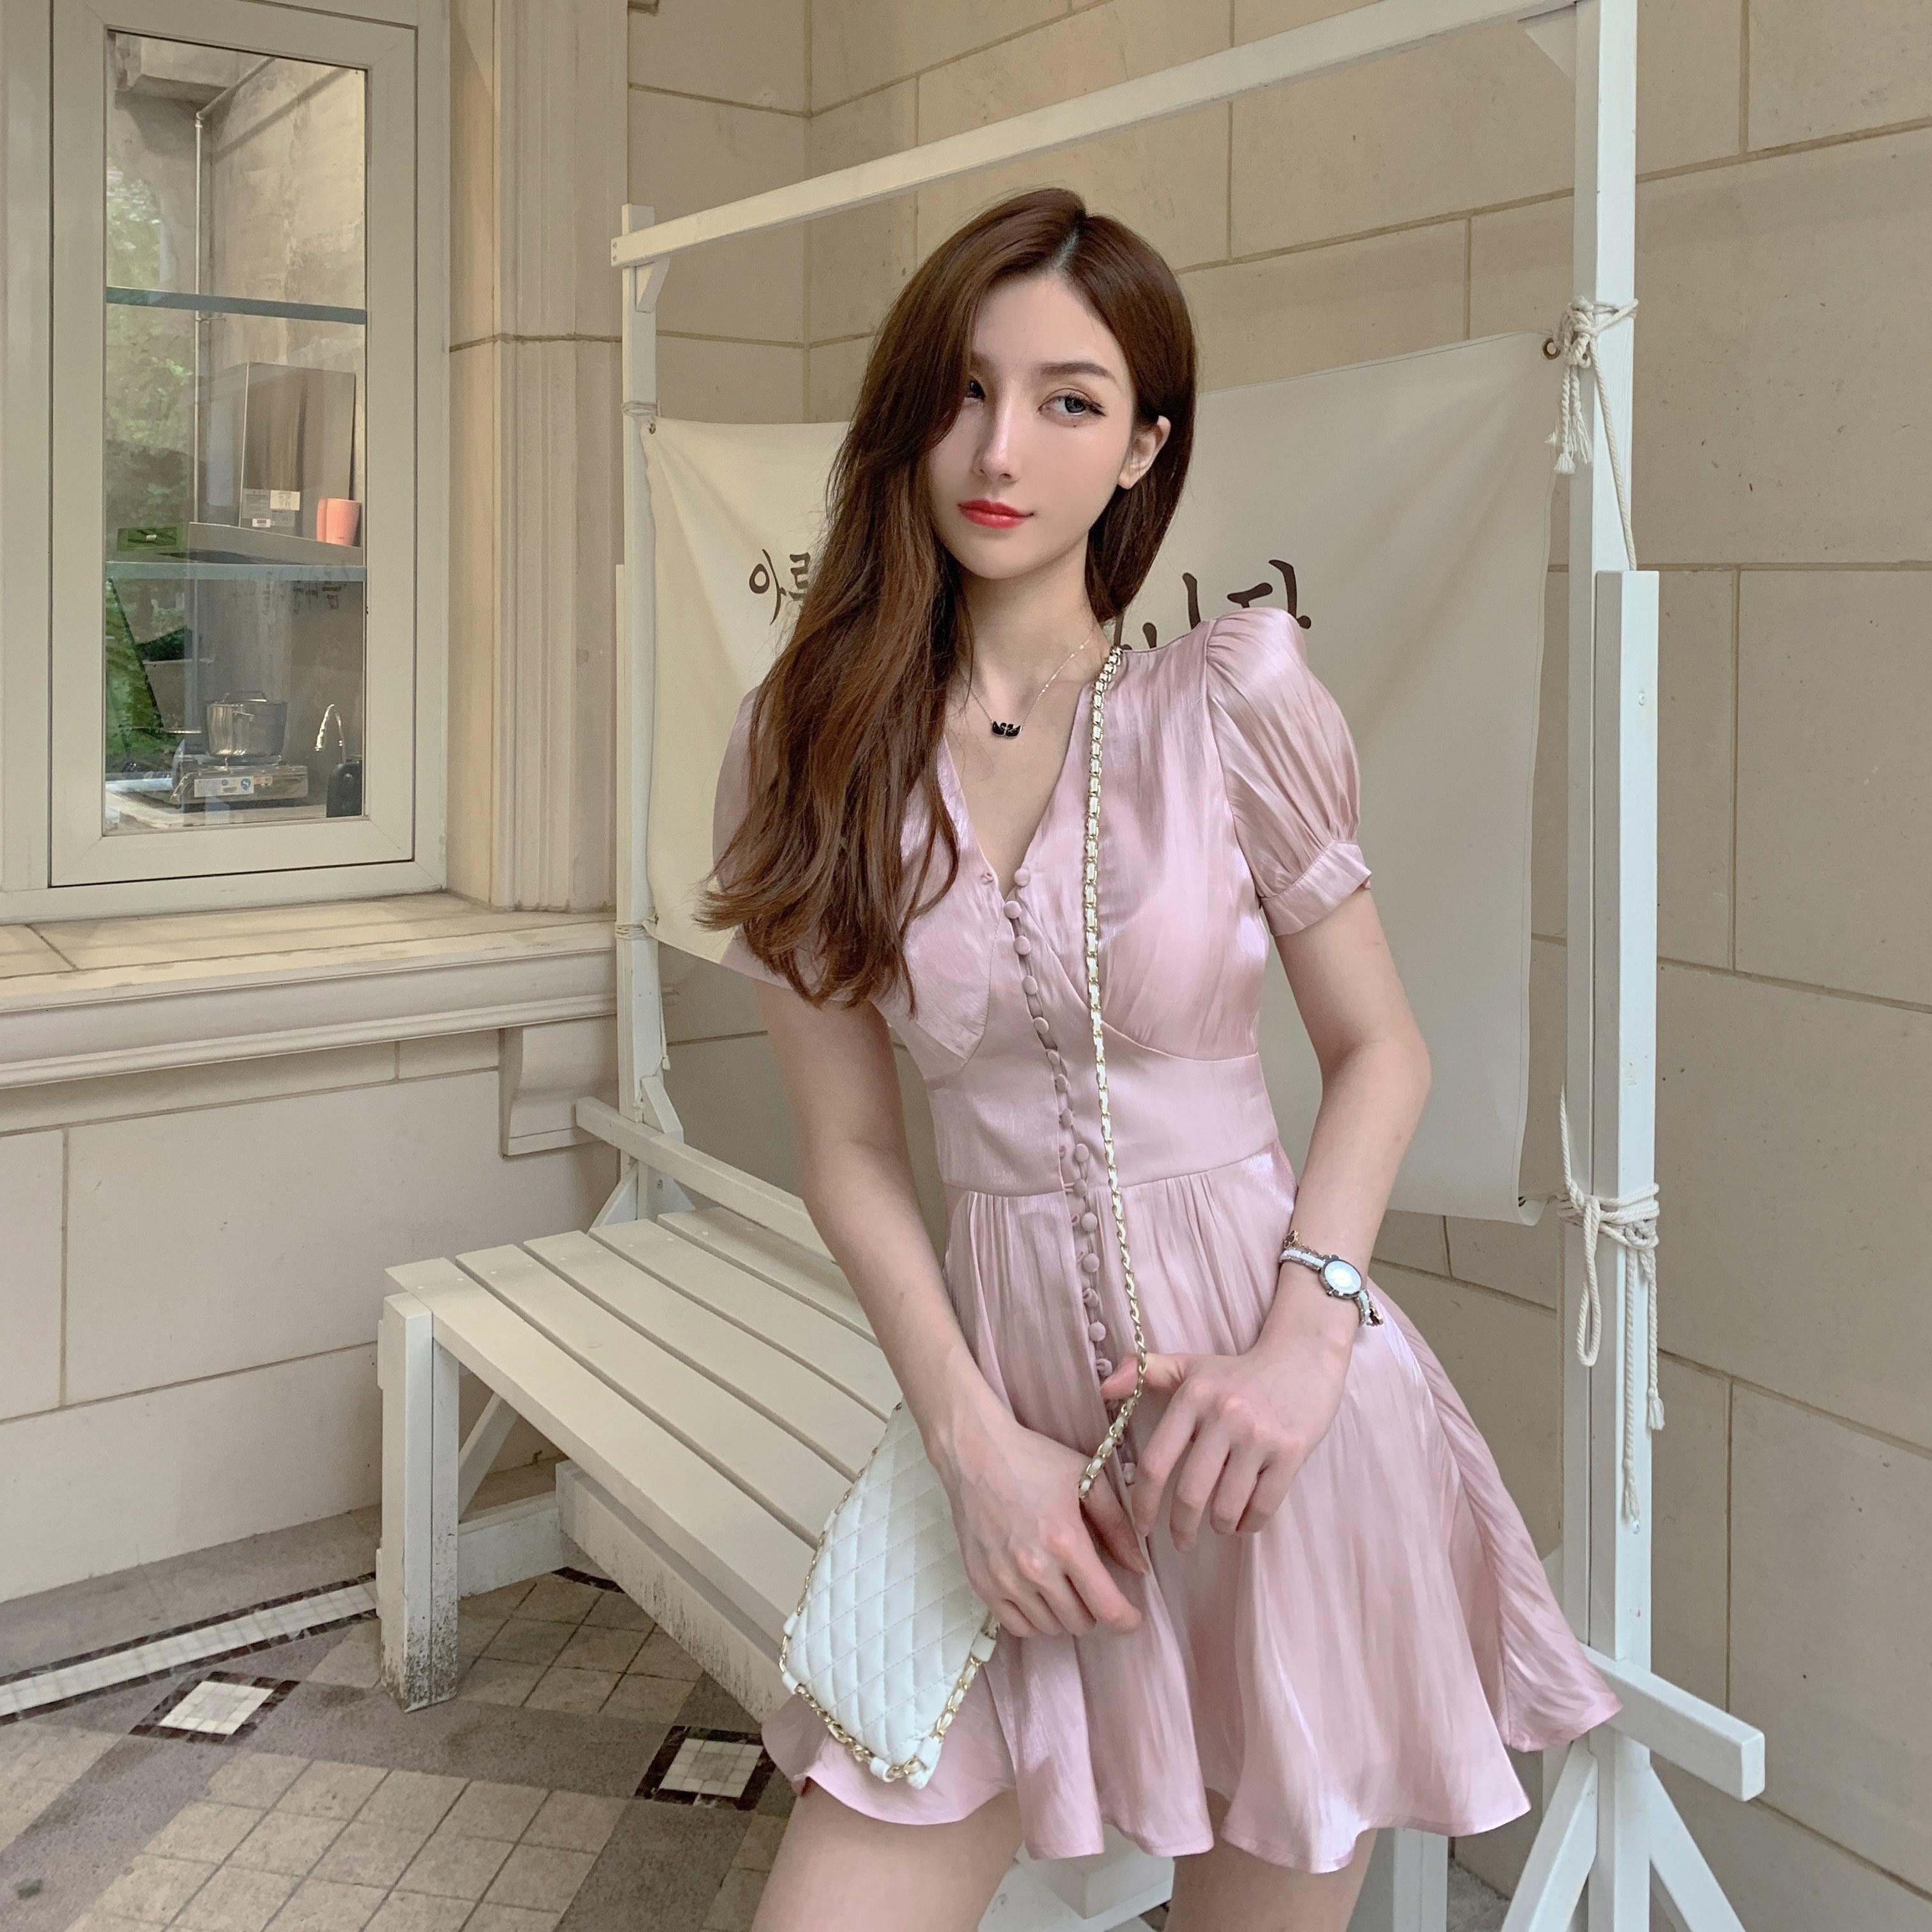 小个子女很仙的复古裙V领短袖女生丝光缎面连衣裙2019新款夏裙子热销3件正品保证